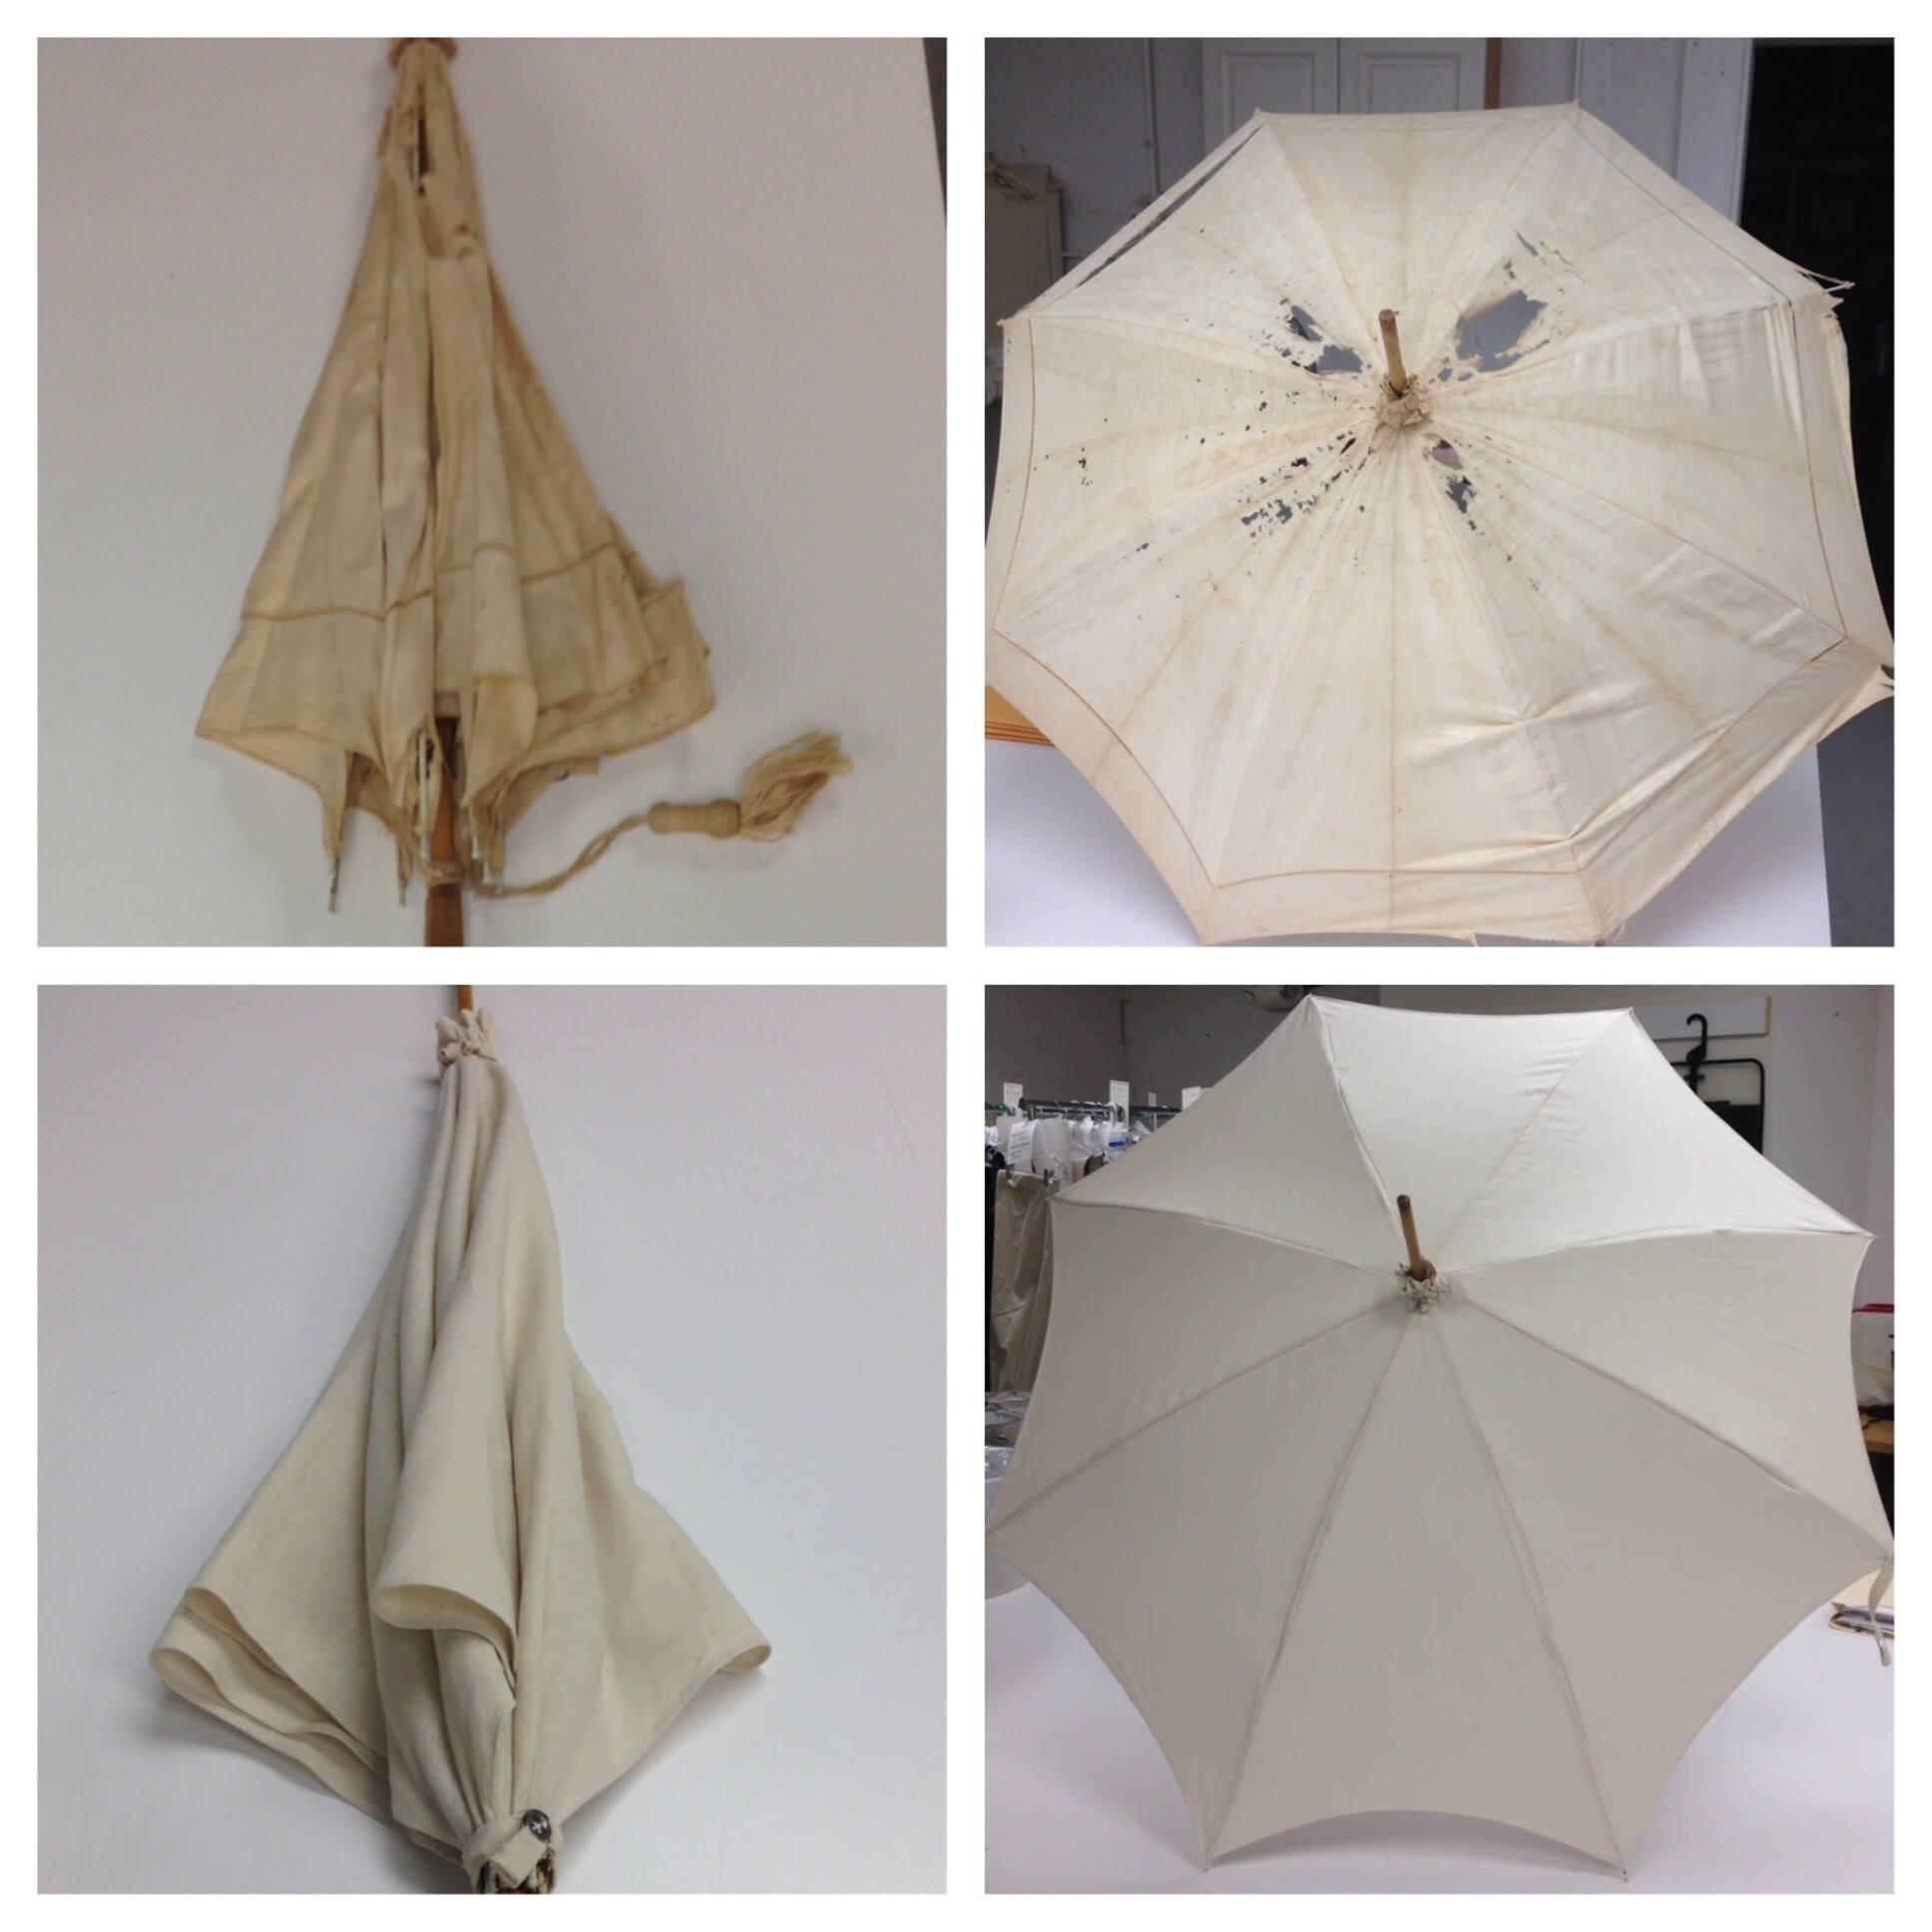 Renovated Umbrella